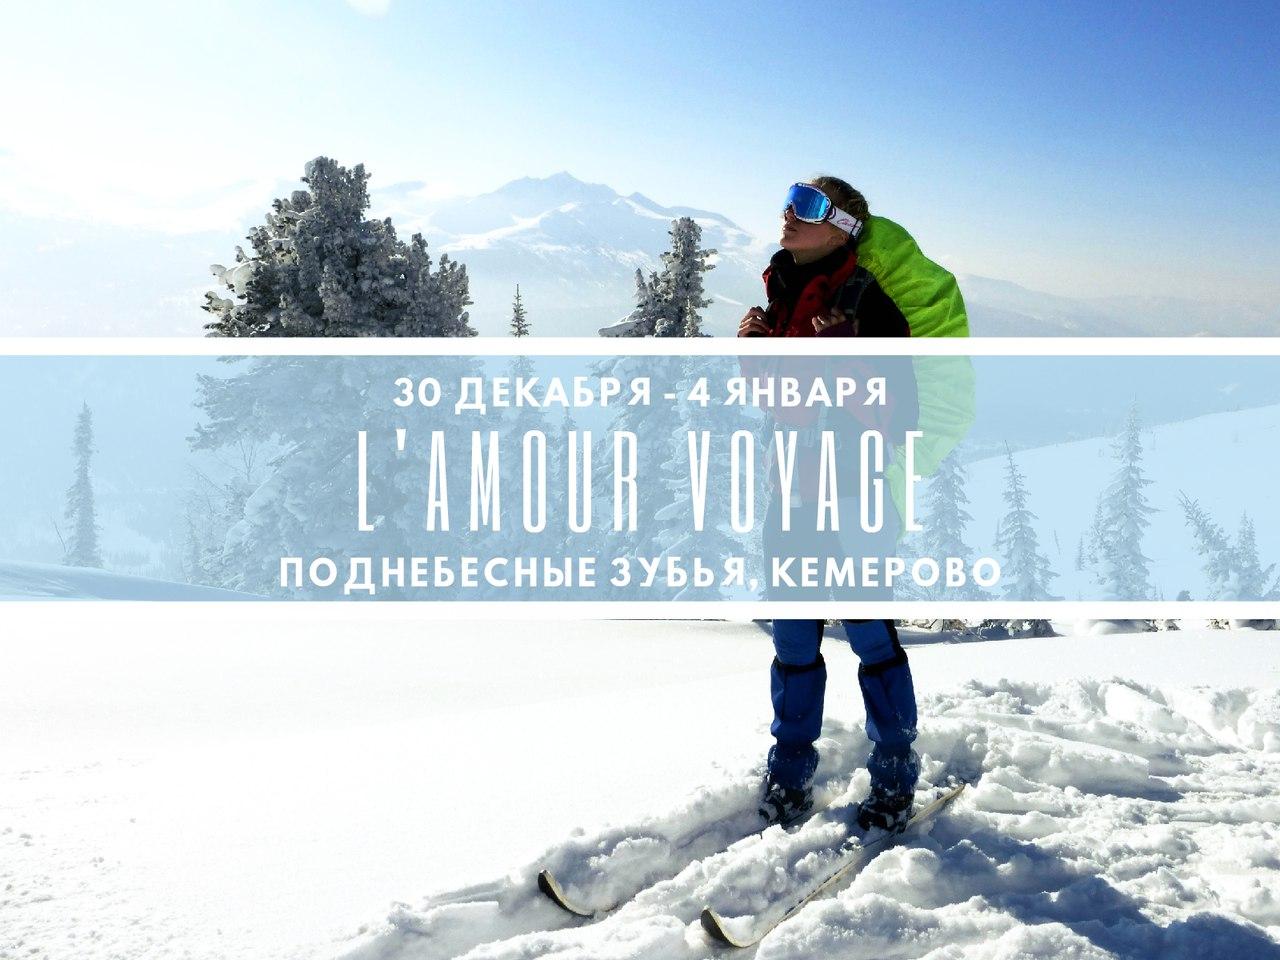 Афиша Тюмень Зимний поход / 30.12 - 04.01 / Поднебесные Зубья